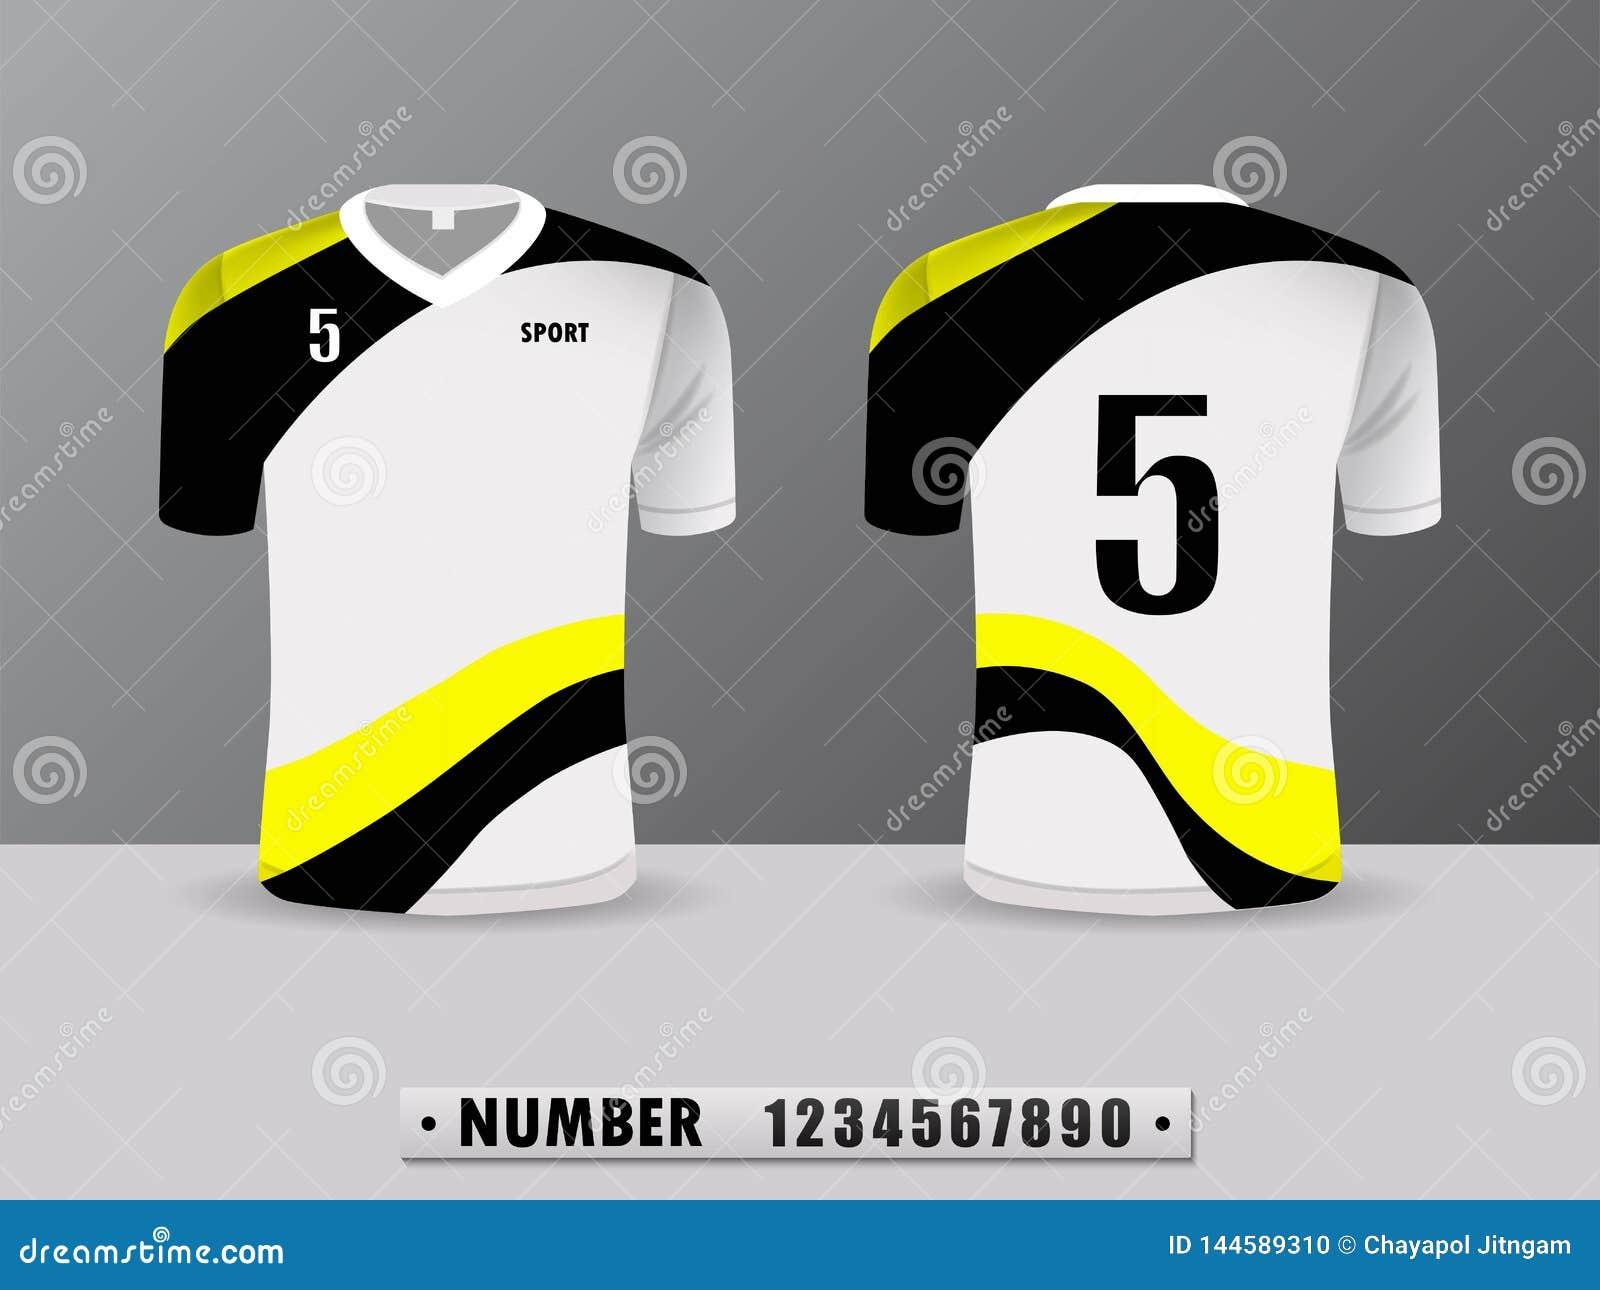 football shirt artwork